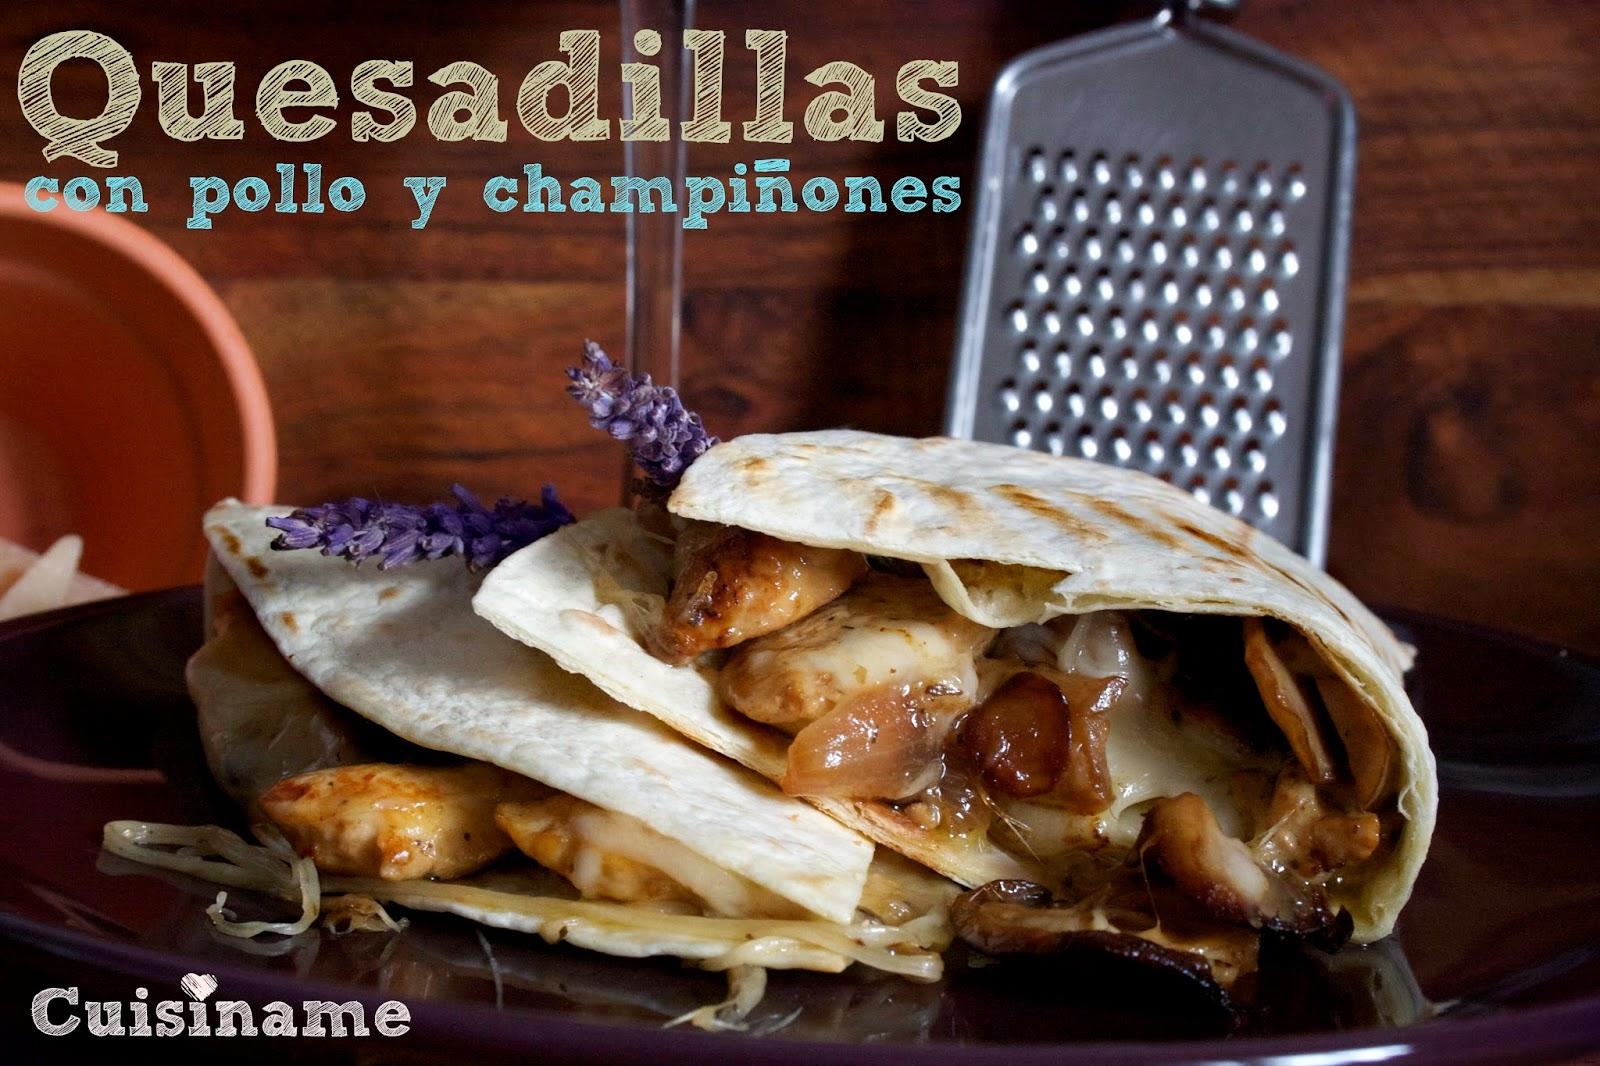 Quesadillas, quesadillas de pollo, receta quesadillas, queso, carne, recetas mejicanas, recetas de cocina, recetas fáciles, recetas originales, humor, gastronomía, yummy recipes